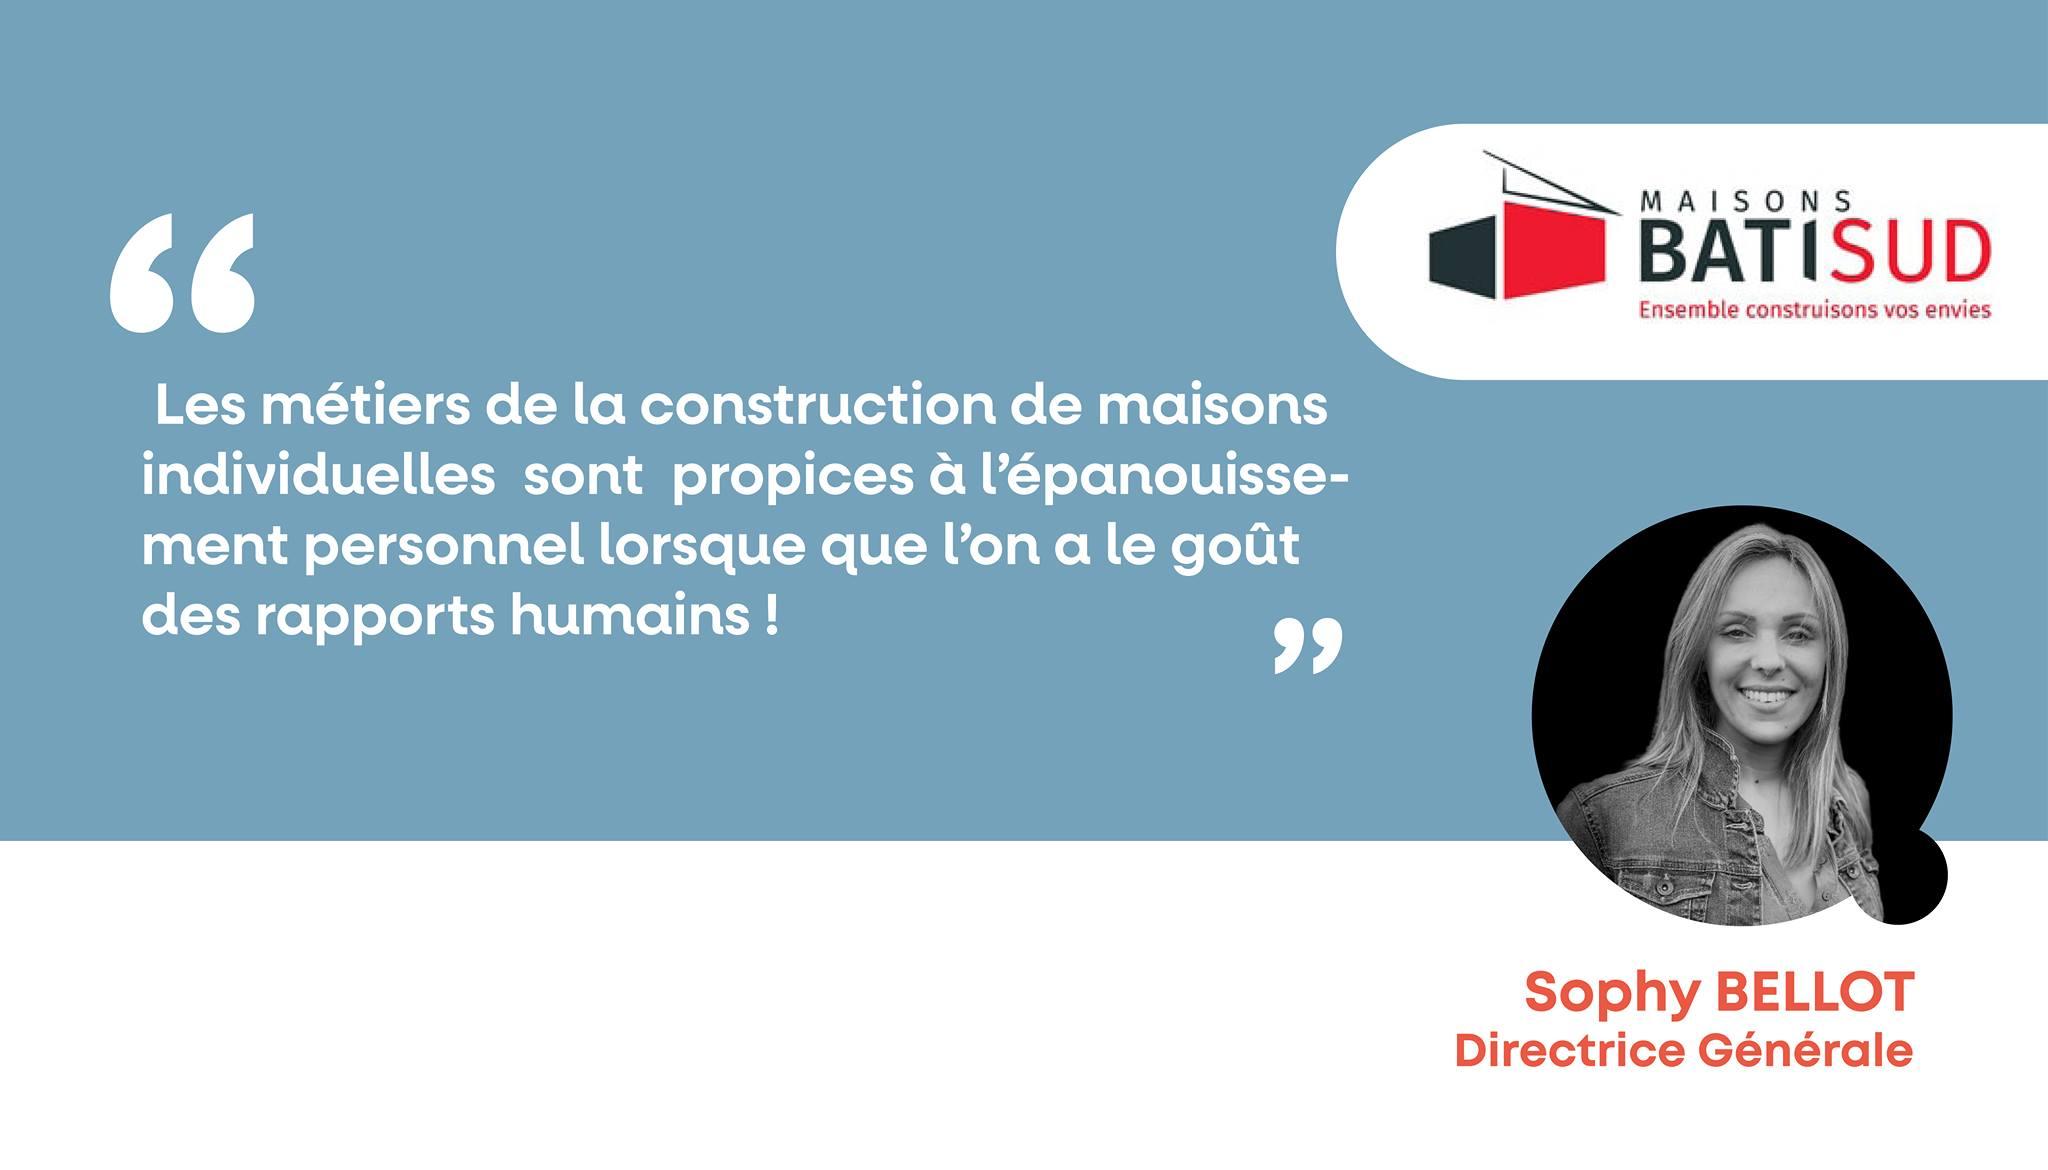 Le témoignage de Sophy Bellot, Directrice Générale de MAISONS BATI SUD à lire sur www.maisons-qualite.com